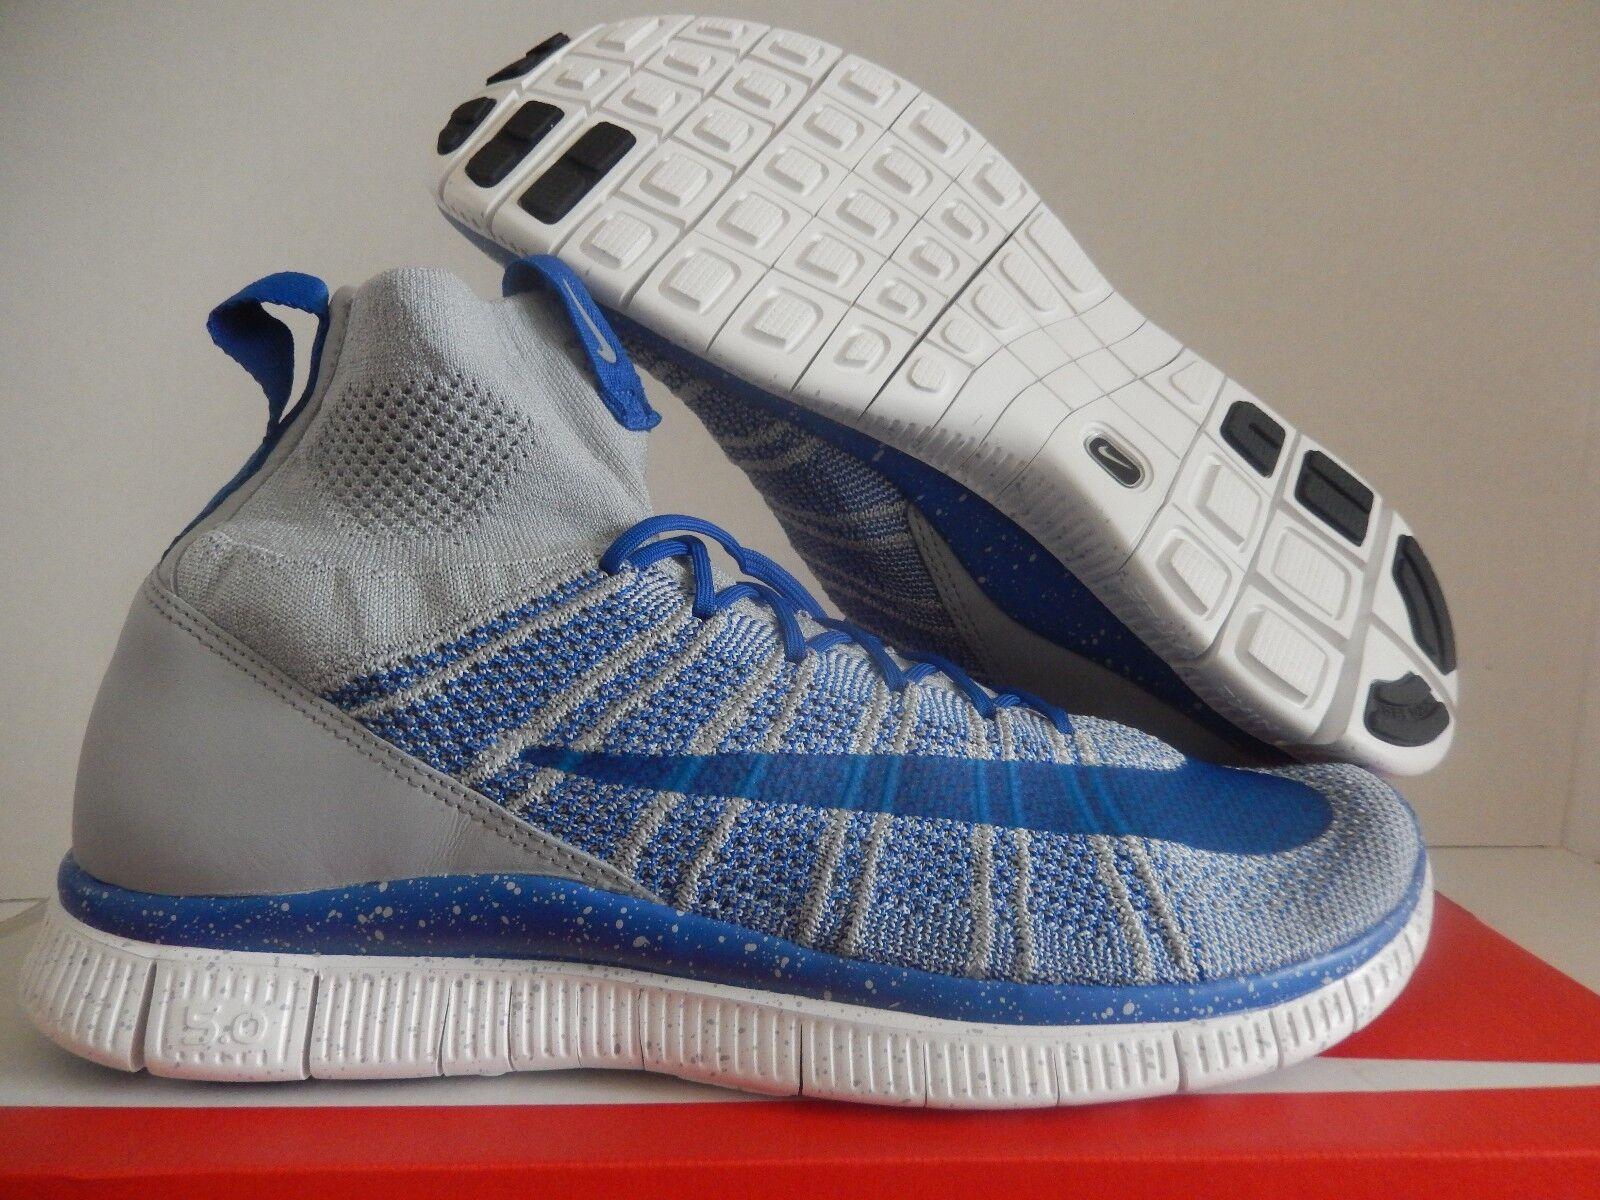 Nike libera royal flyknit volubile lupo grey-game royal libera blue-nero sz 11,5 [805554-003] 2b6e00